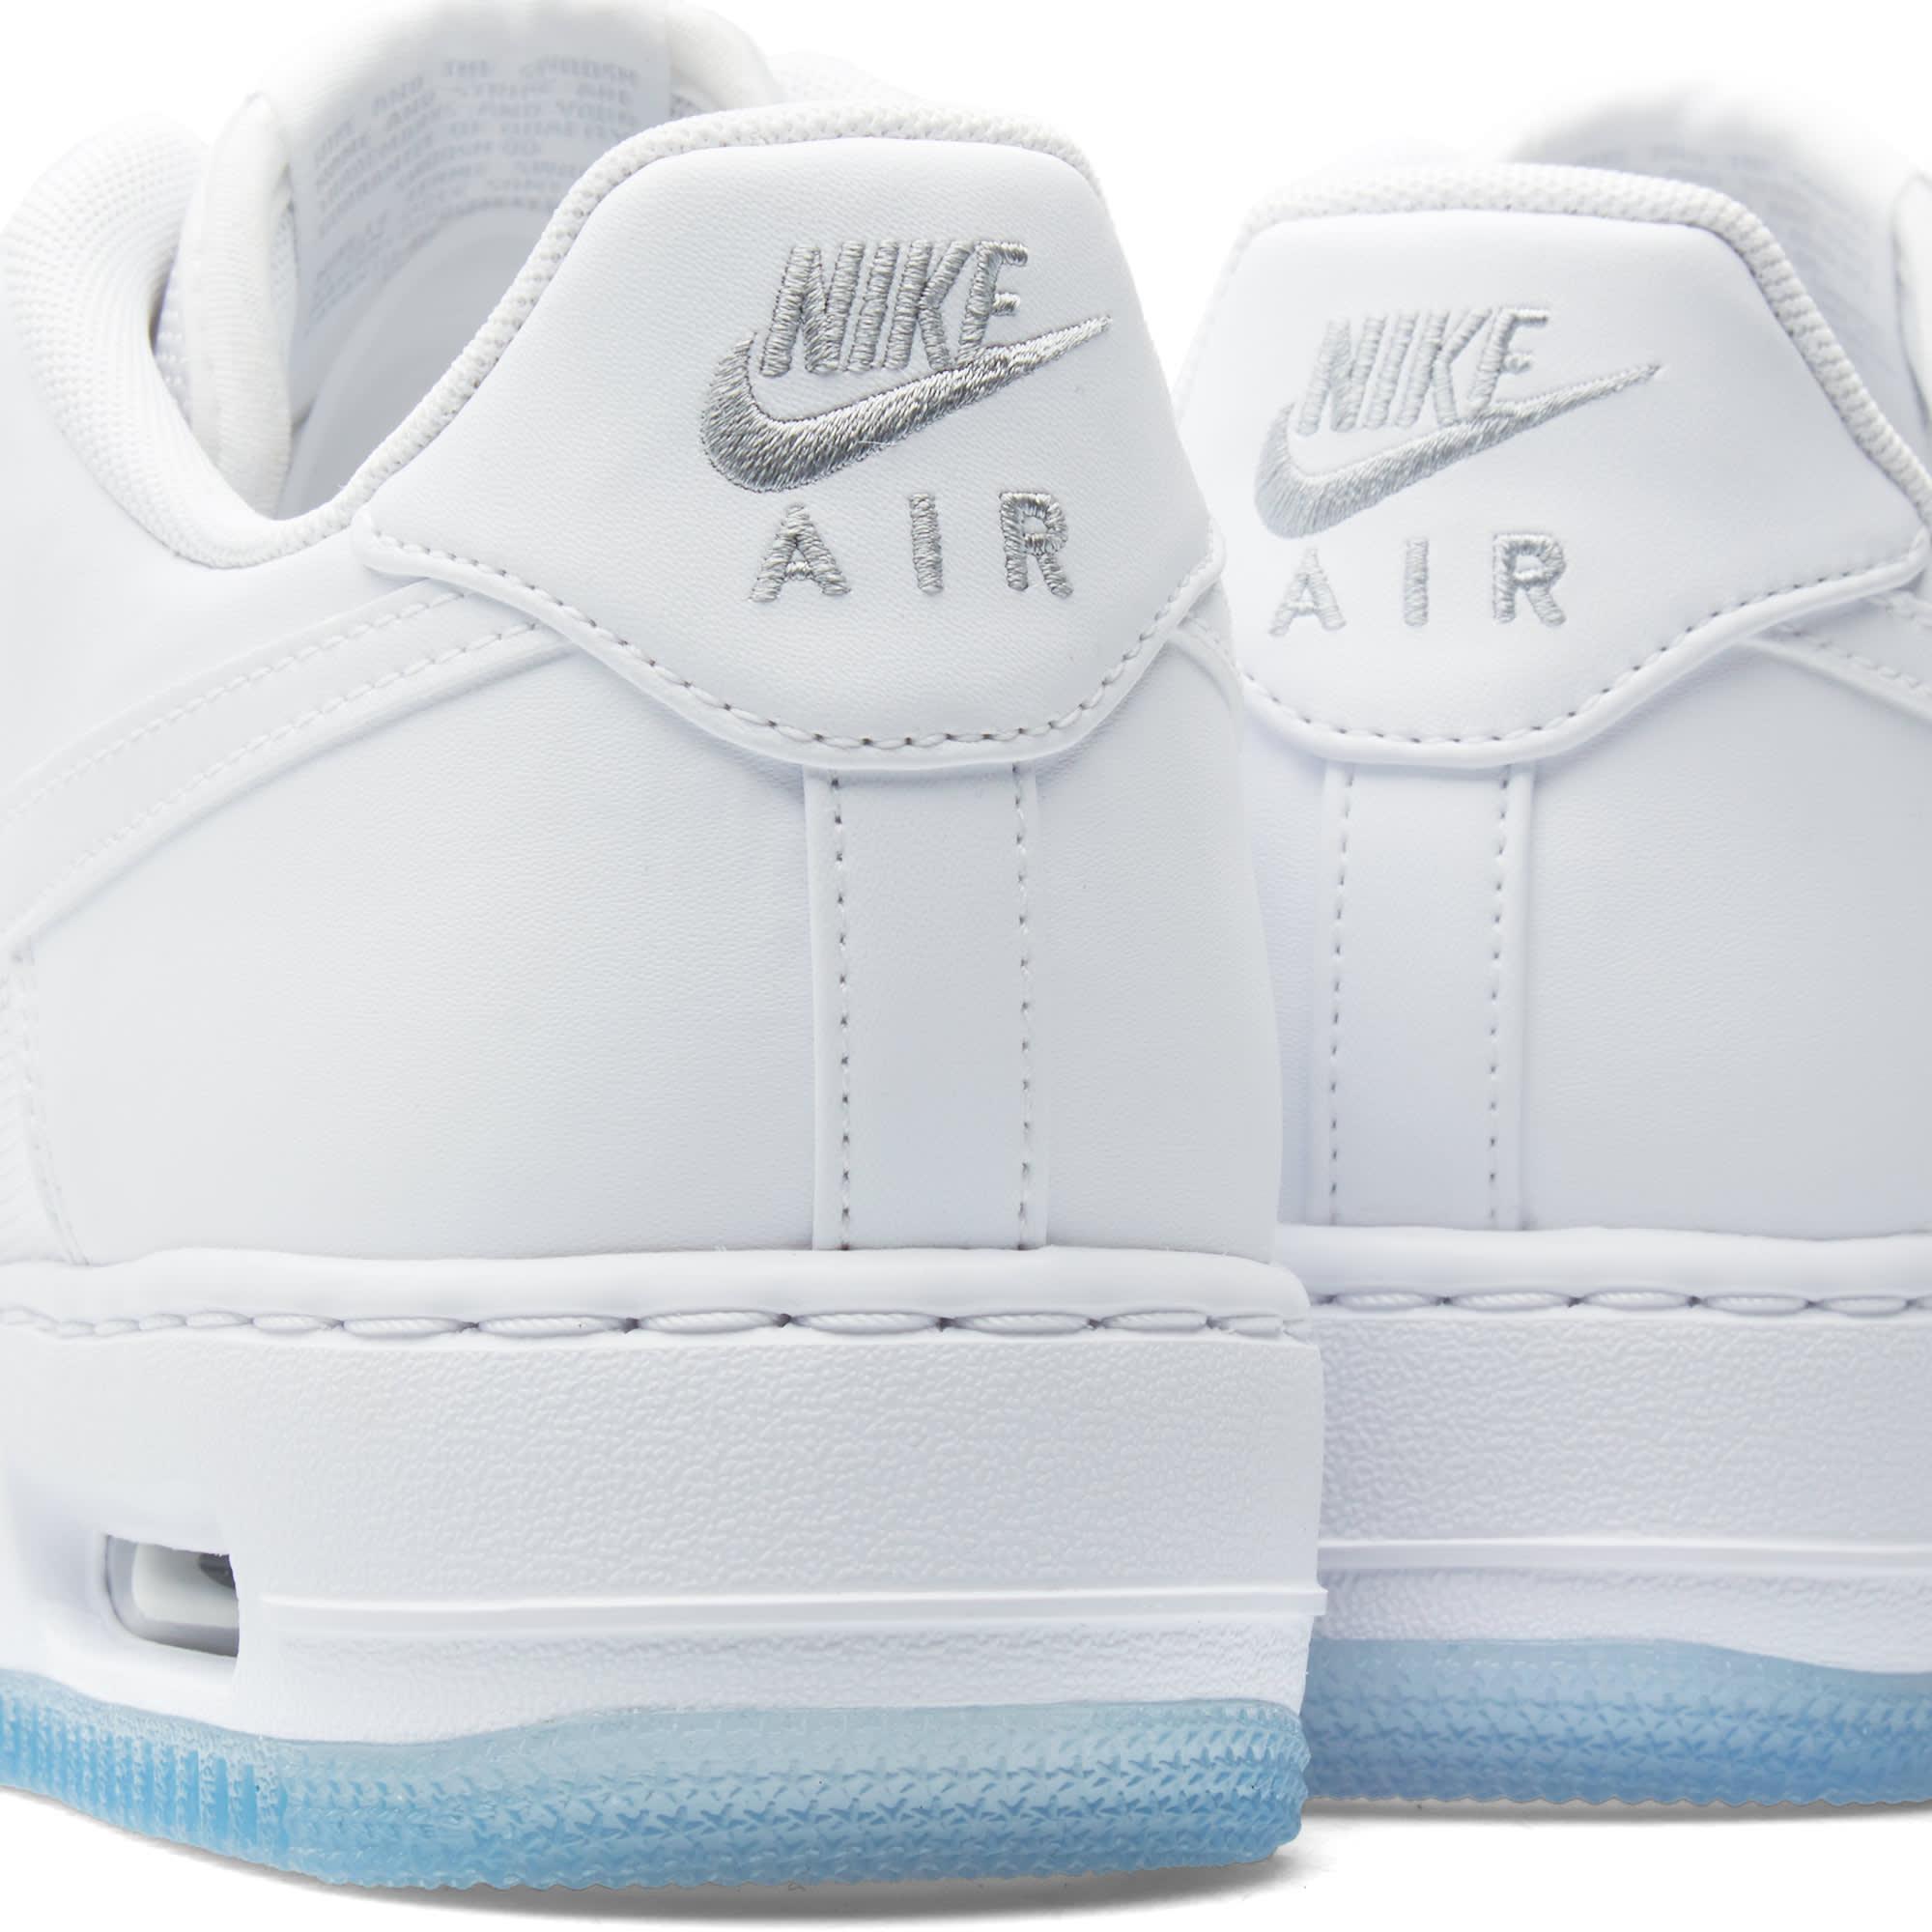 Royaume-Uni disponibilité 03c85 34dd0 Nike Air Force 1 Elite